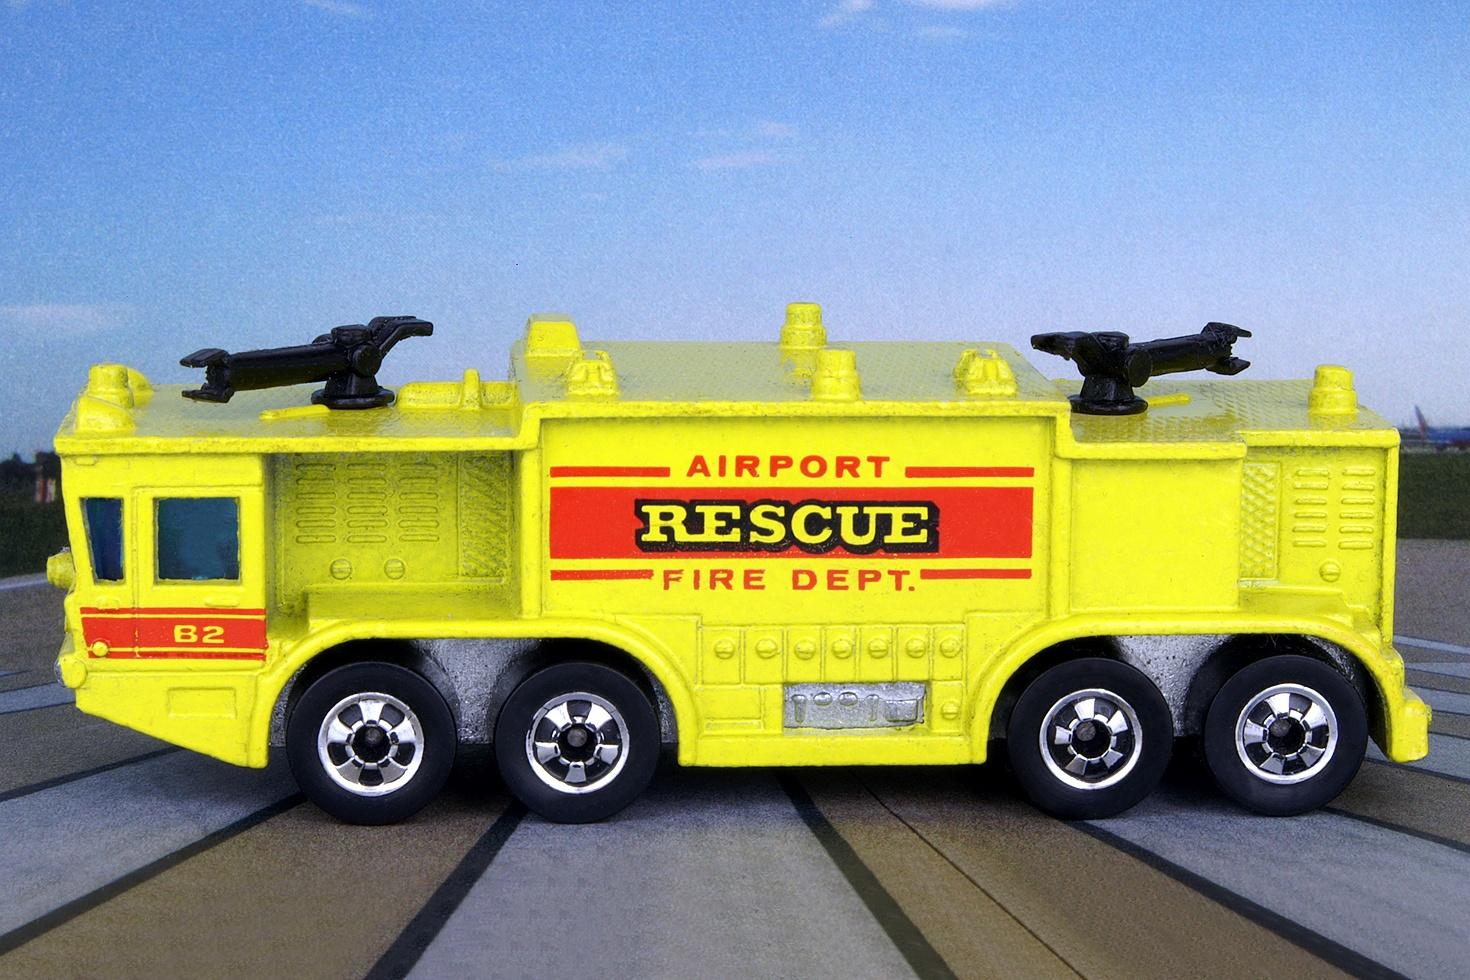 Airport Rescue